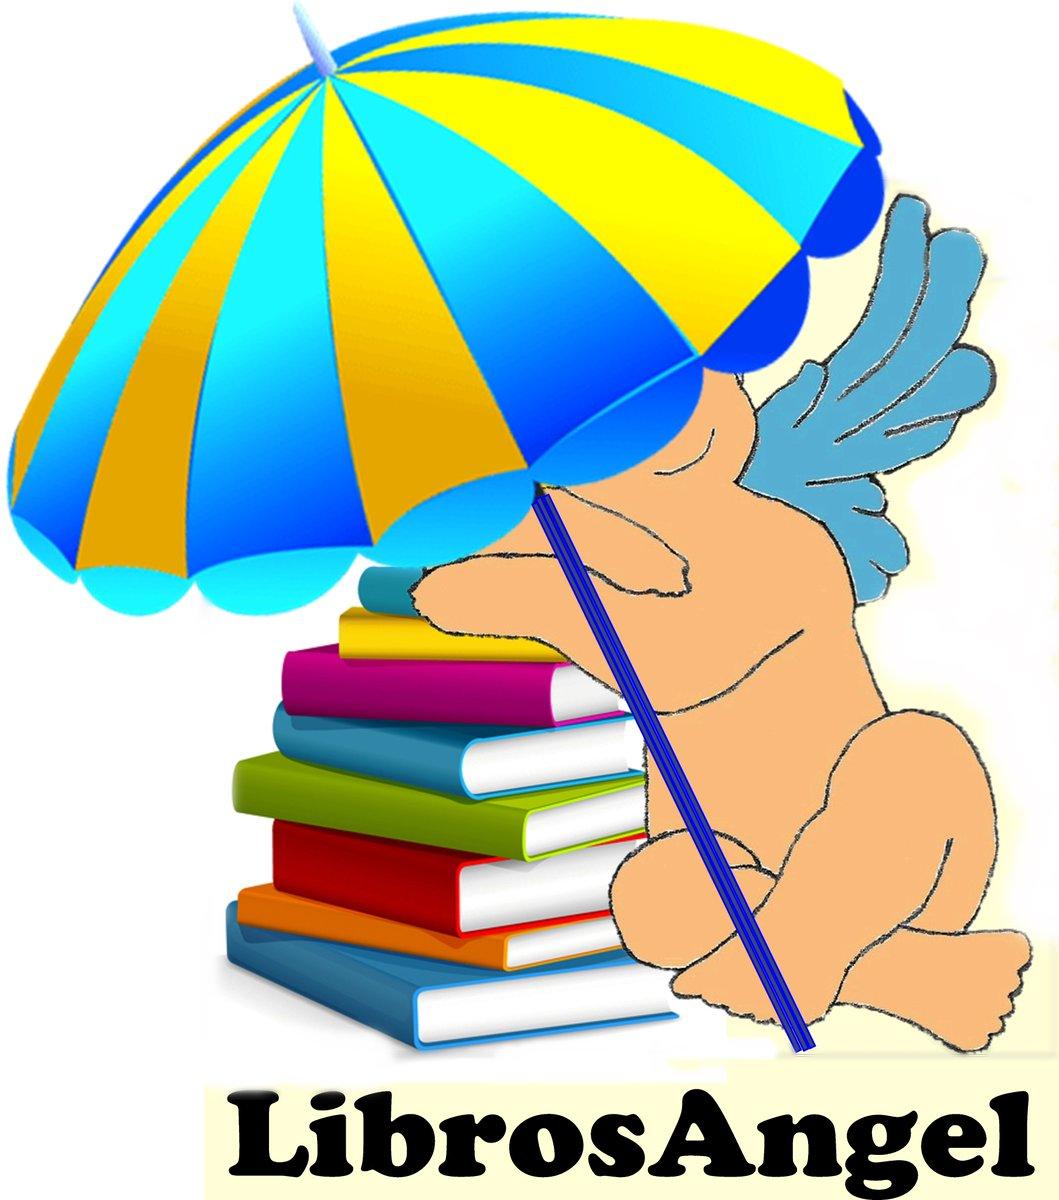 #lectura #libros #leetodoelaño  #Verano2021 #AñoNuevo2021